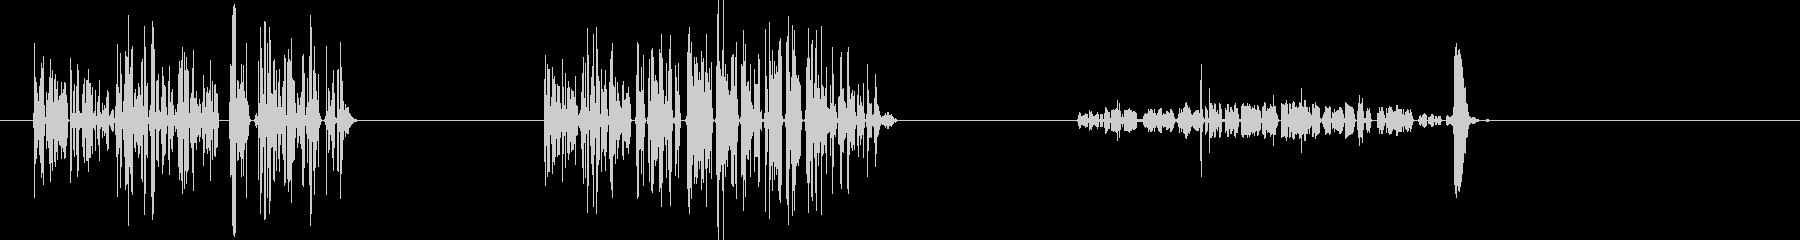 テープ、プロのレコーダーでの音声巻き戻しの未再生の波形